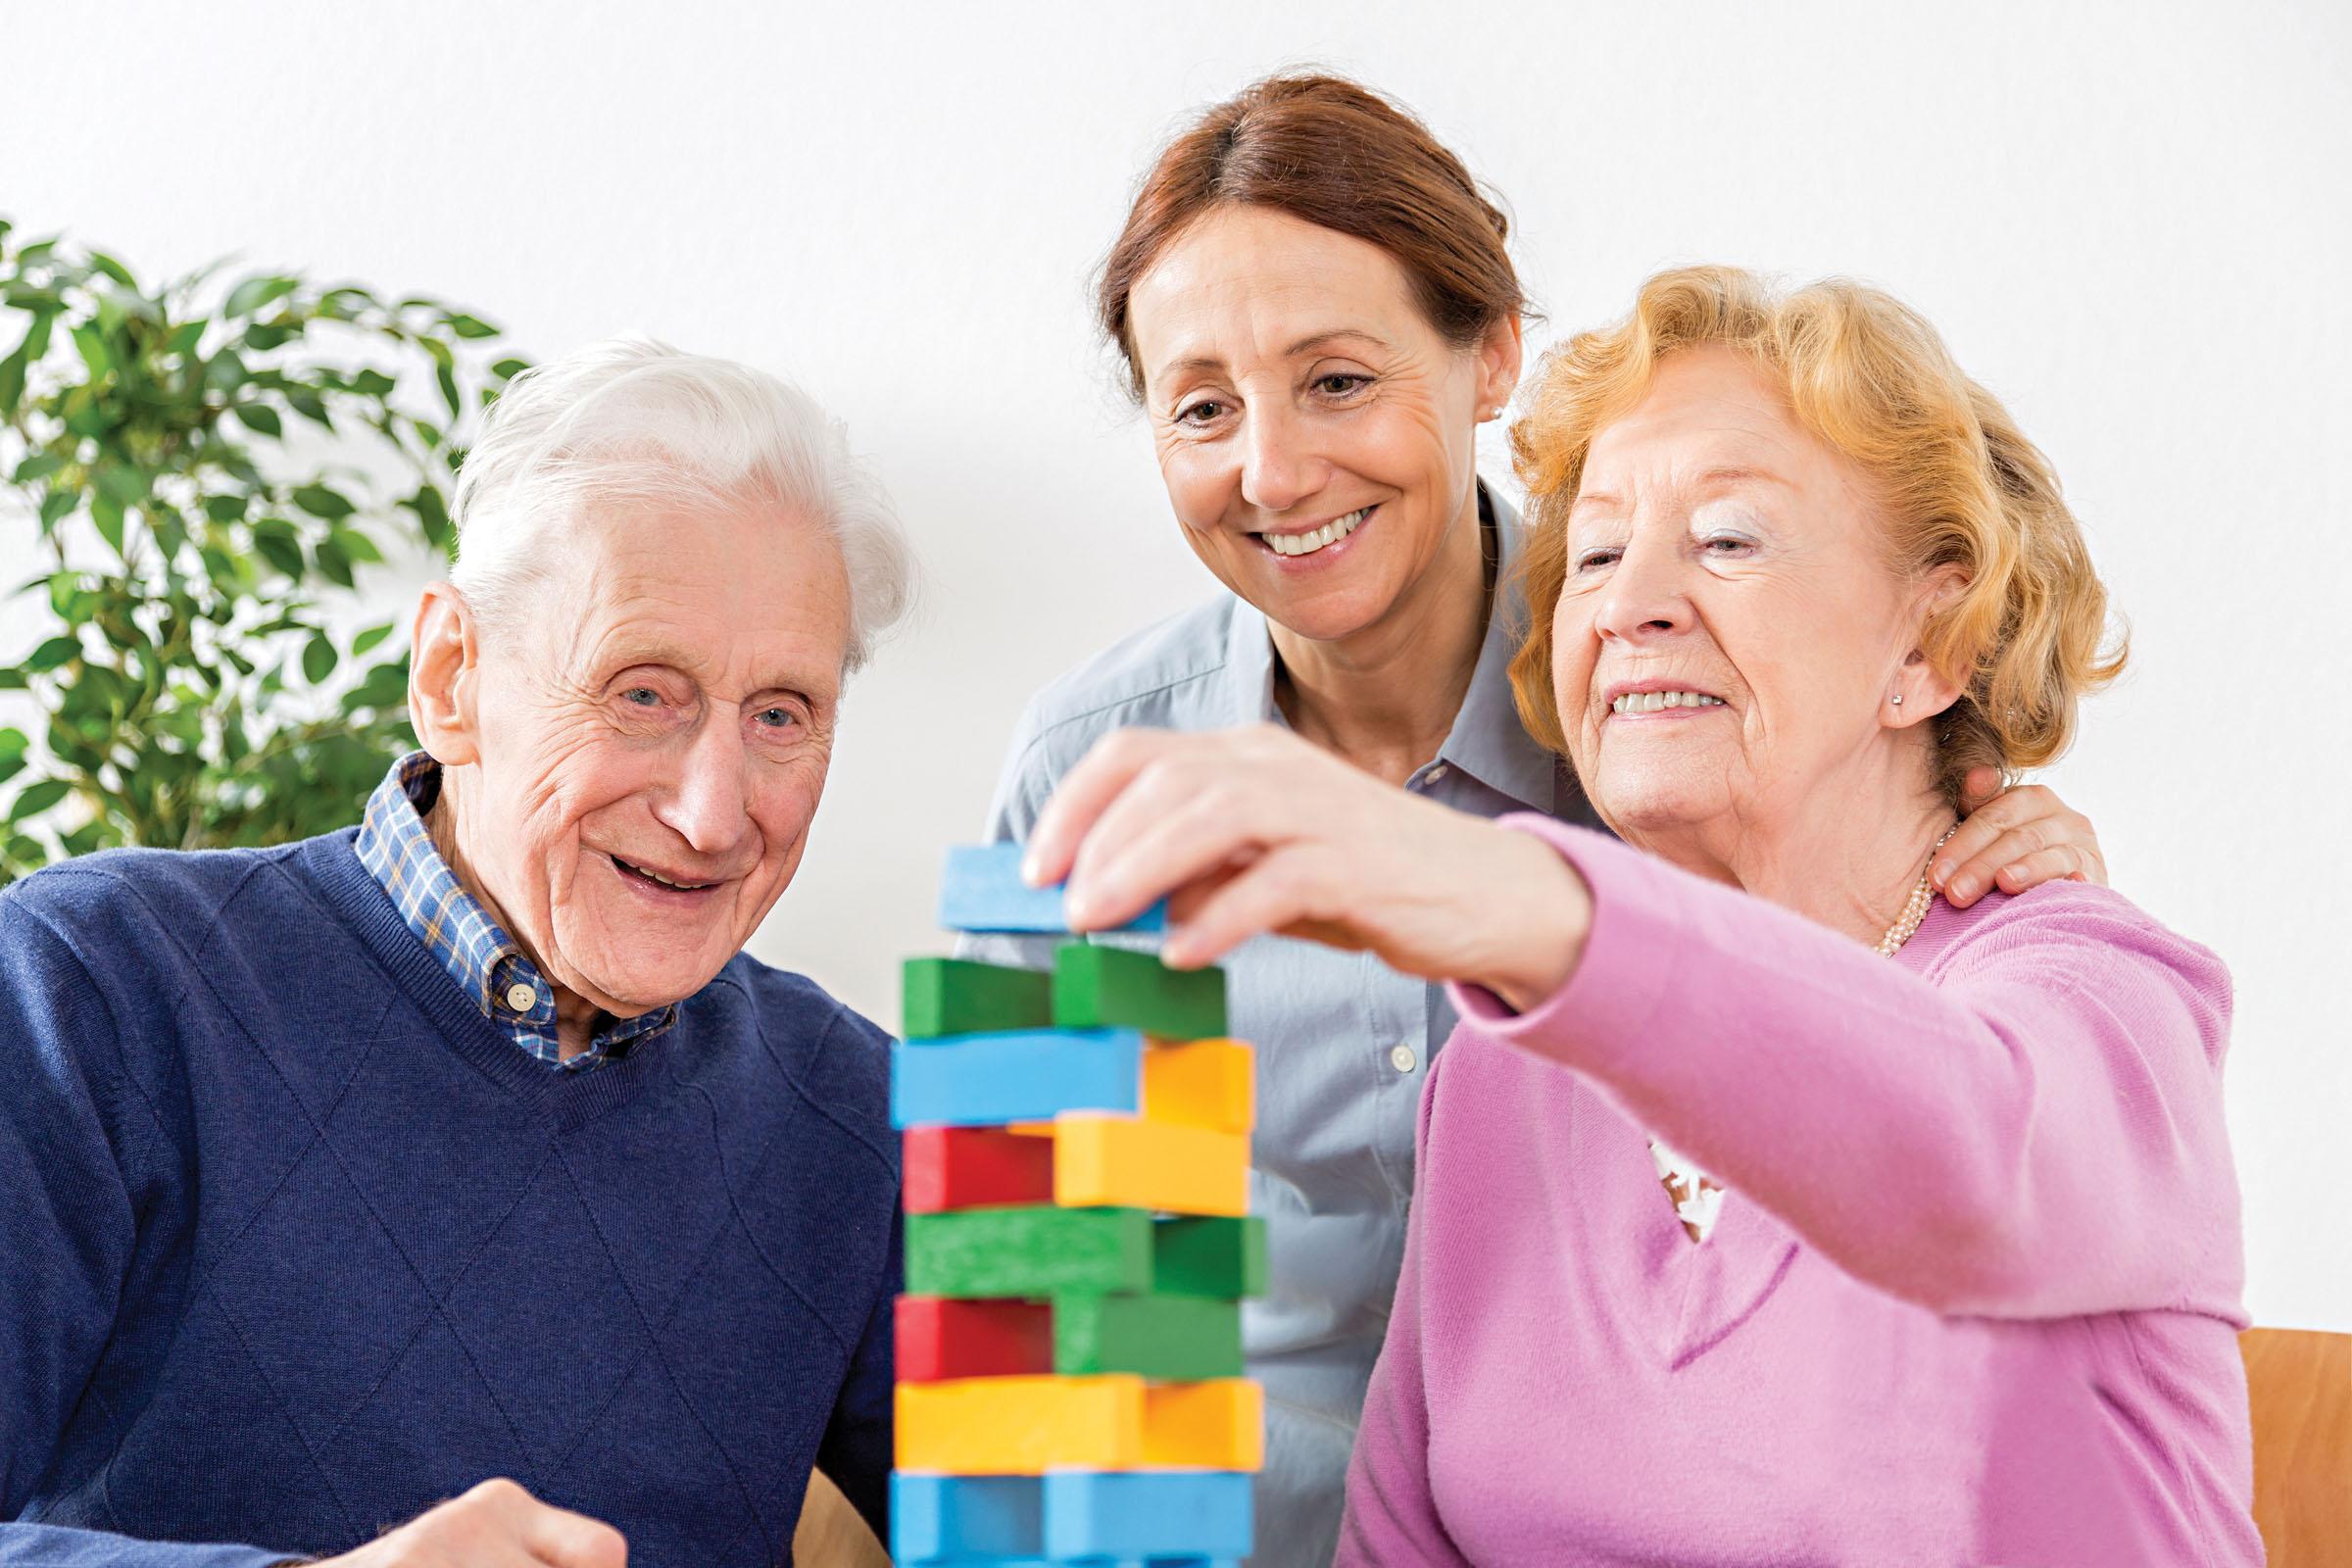 Bệnh nhân Alzheimer cần nhận được sự chăm sóc toàn diện